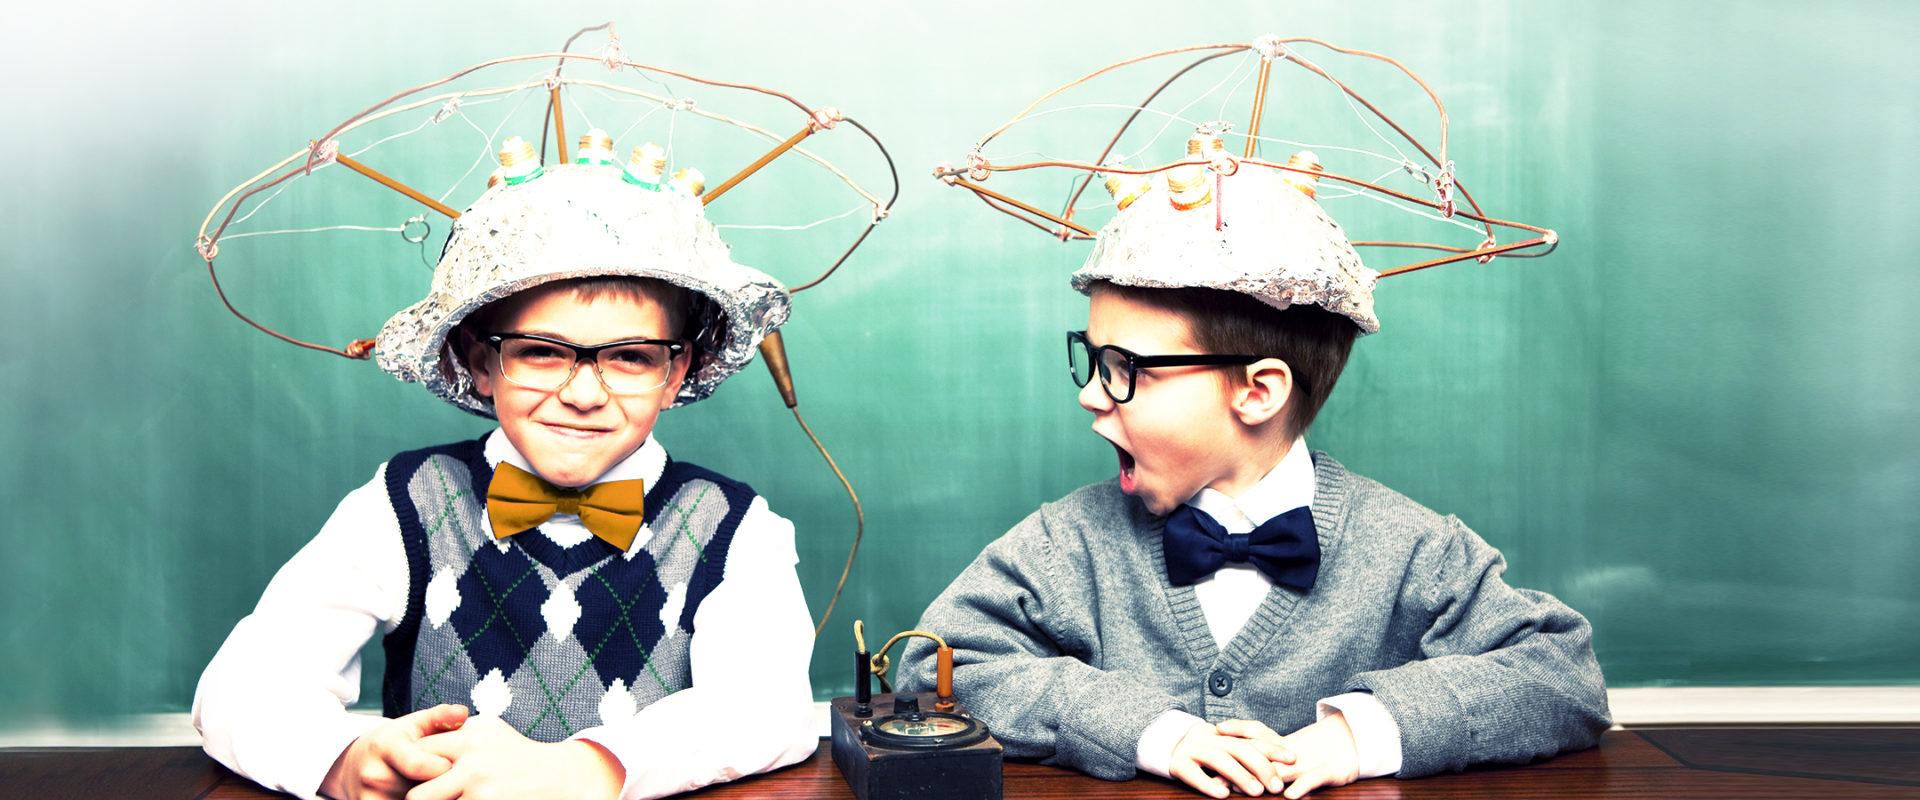 immagine in evidenza di bambini che imparano le scienze per Pleiadi